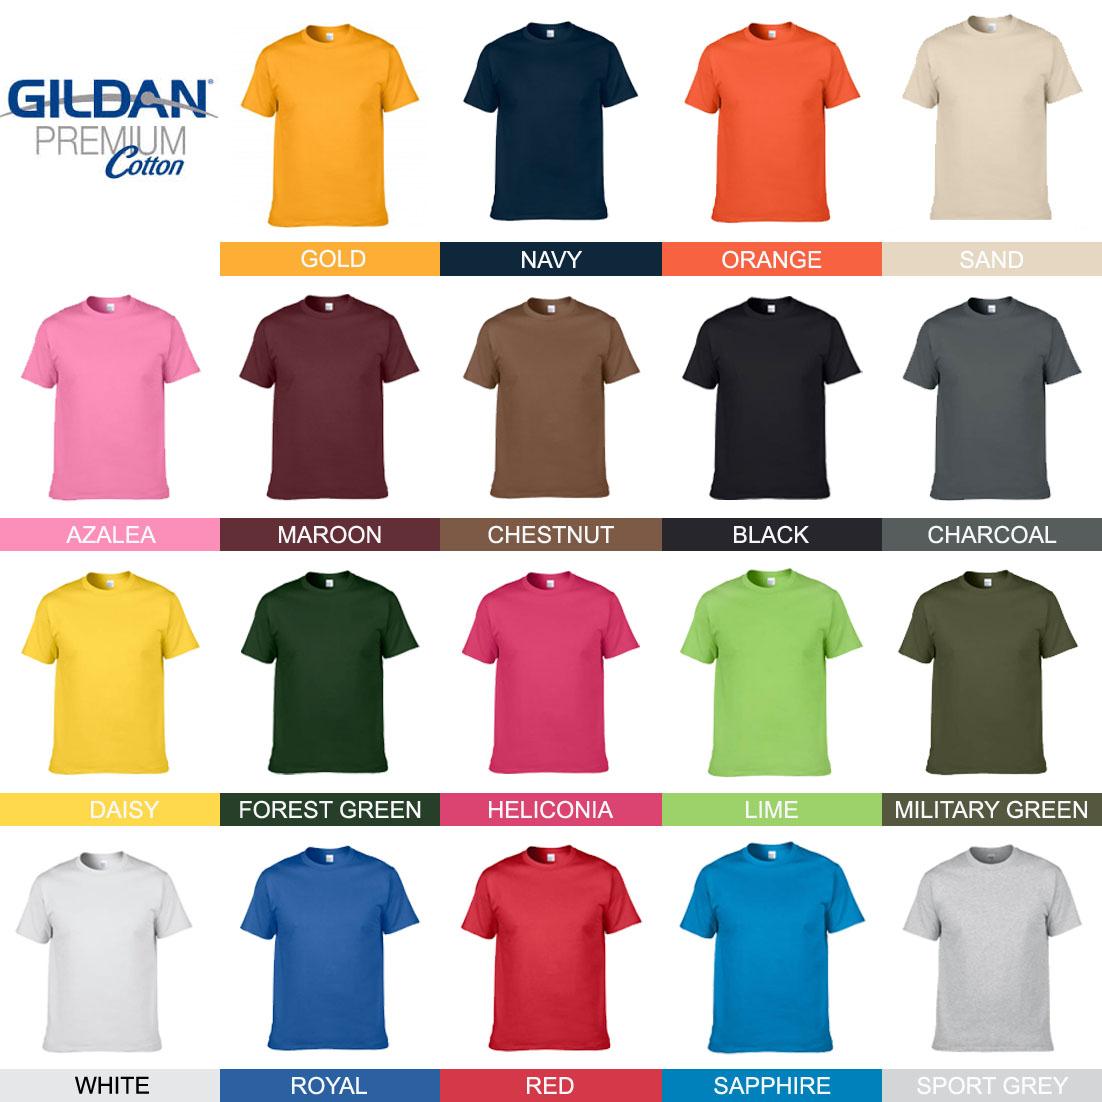 Warna Gildan